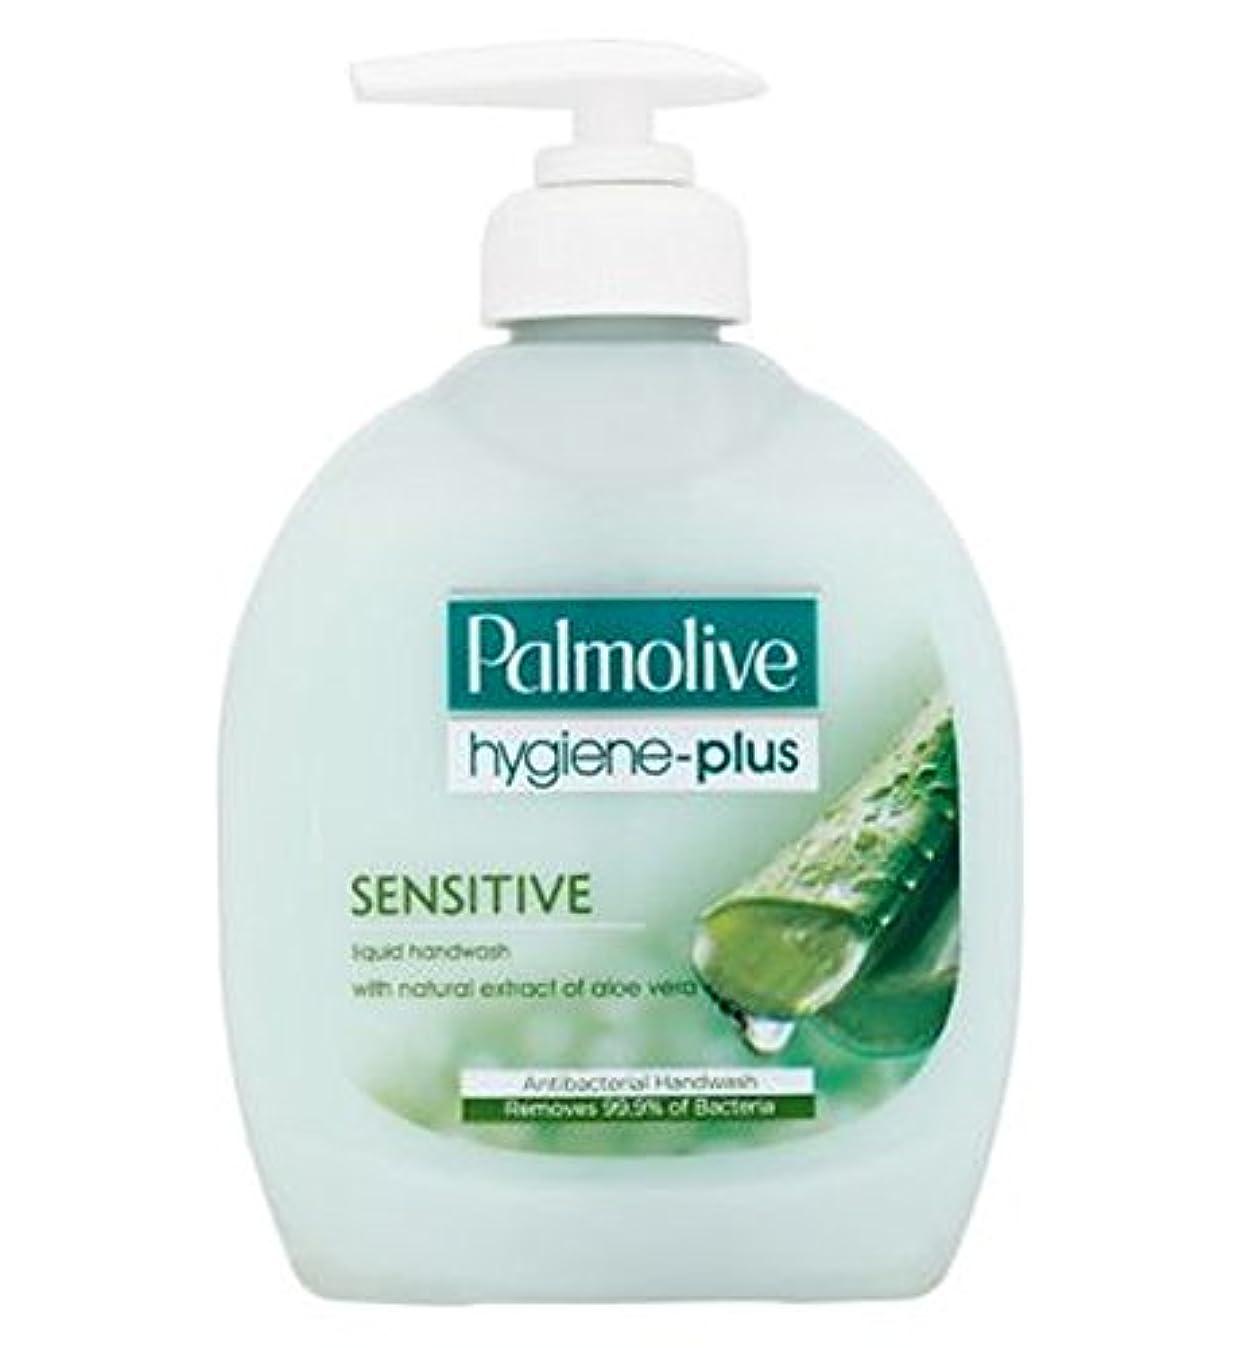 修正する男らしさ帳面Palmolive Hygiene Plus Sensitive Handwash - パルモ衛生プラス敏感手洗い (Palmolive) [並行輸入品]